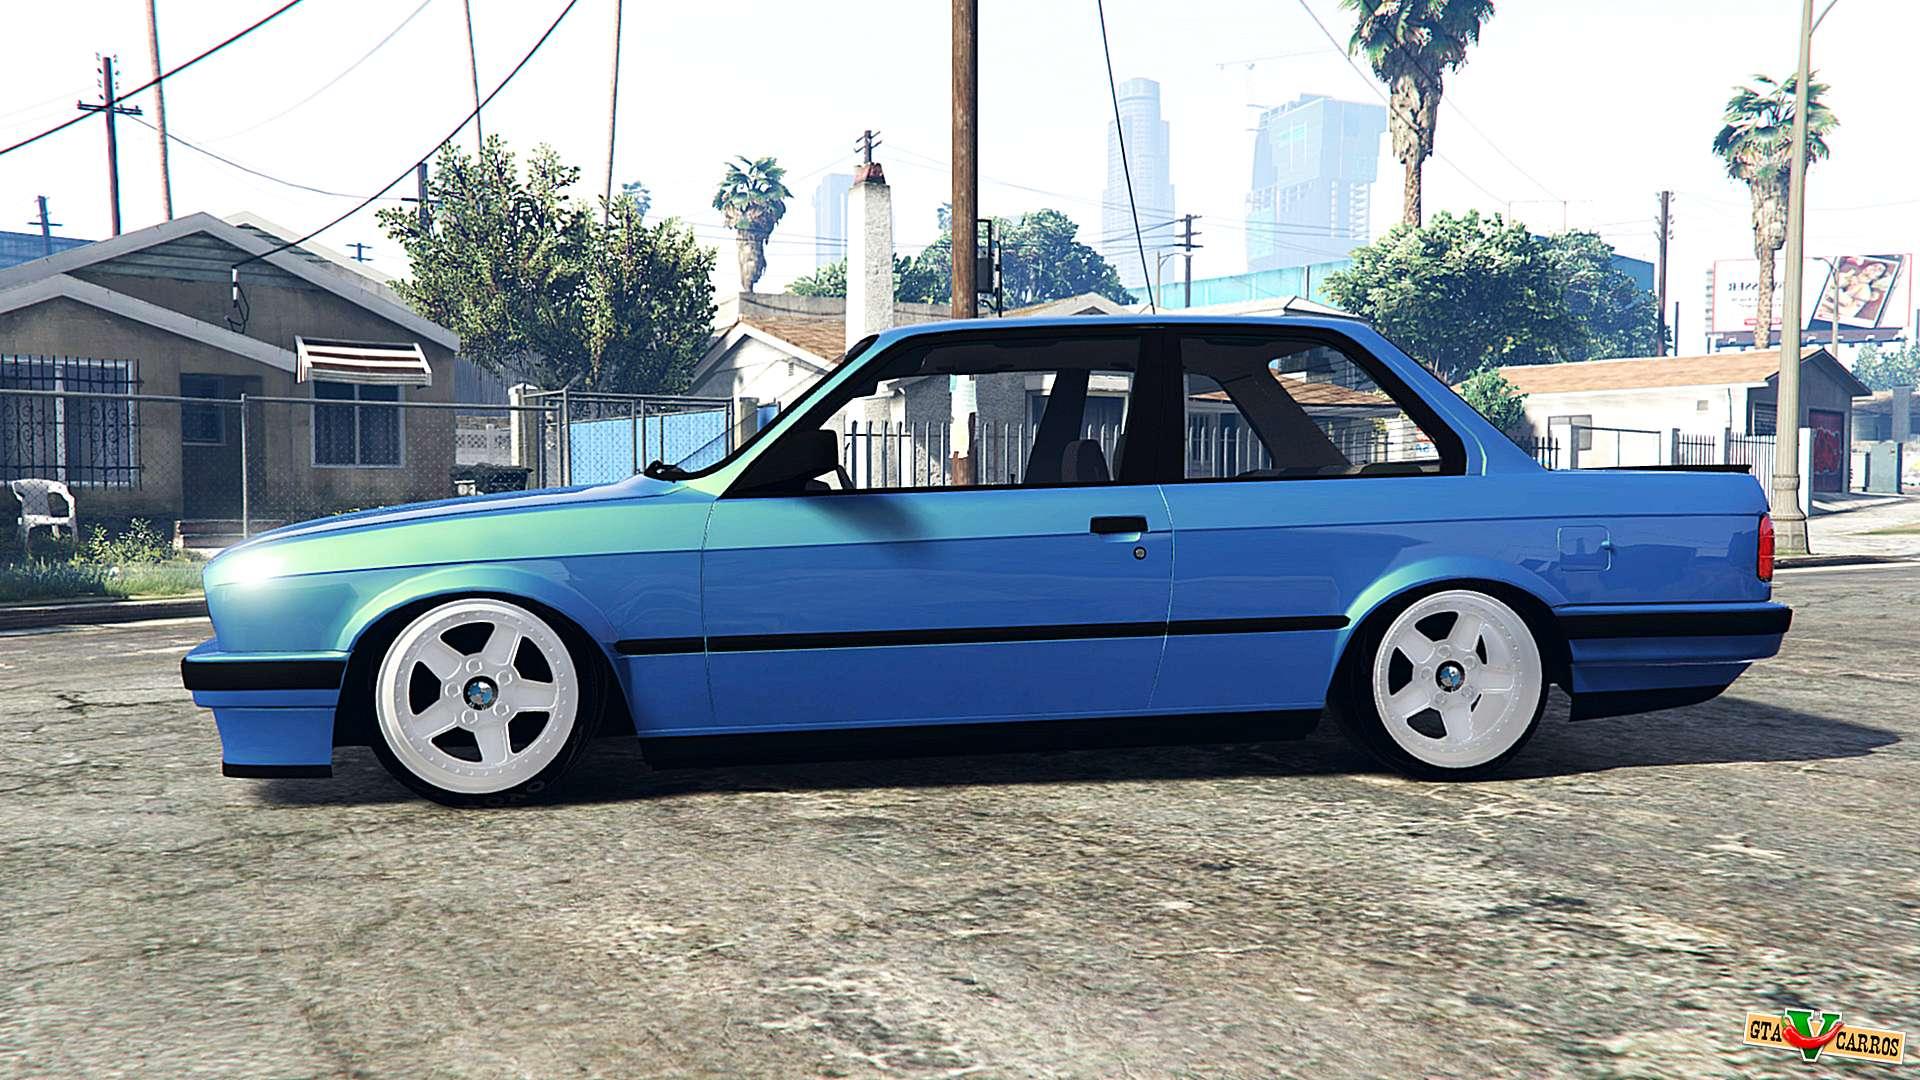 BMW M3 (E30) replace